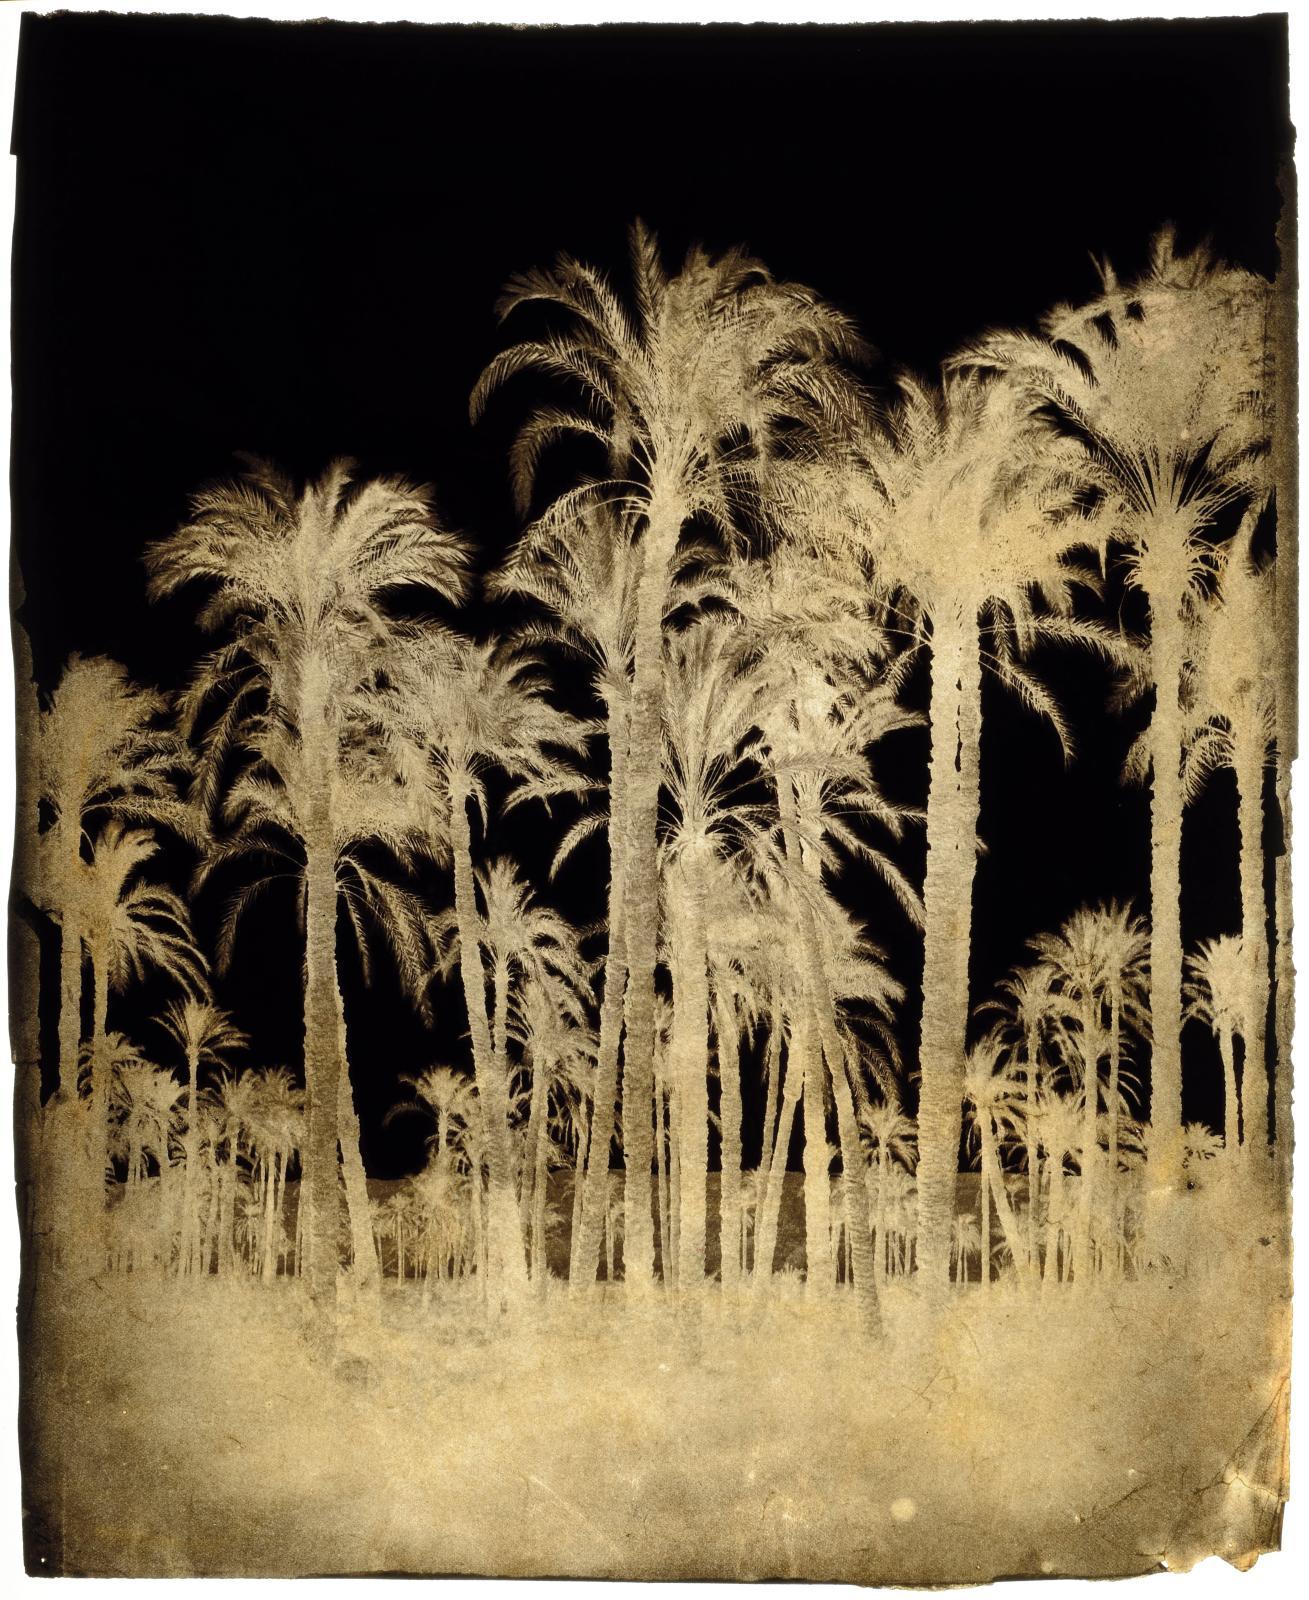 François Joseph Édouard deCampigneulles (1826-1879), Grands palmiers, Nubie, 1858, négatif sur papier ciré, rehauts de gouache noire dans